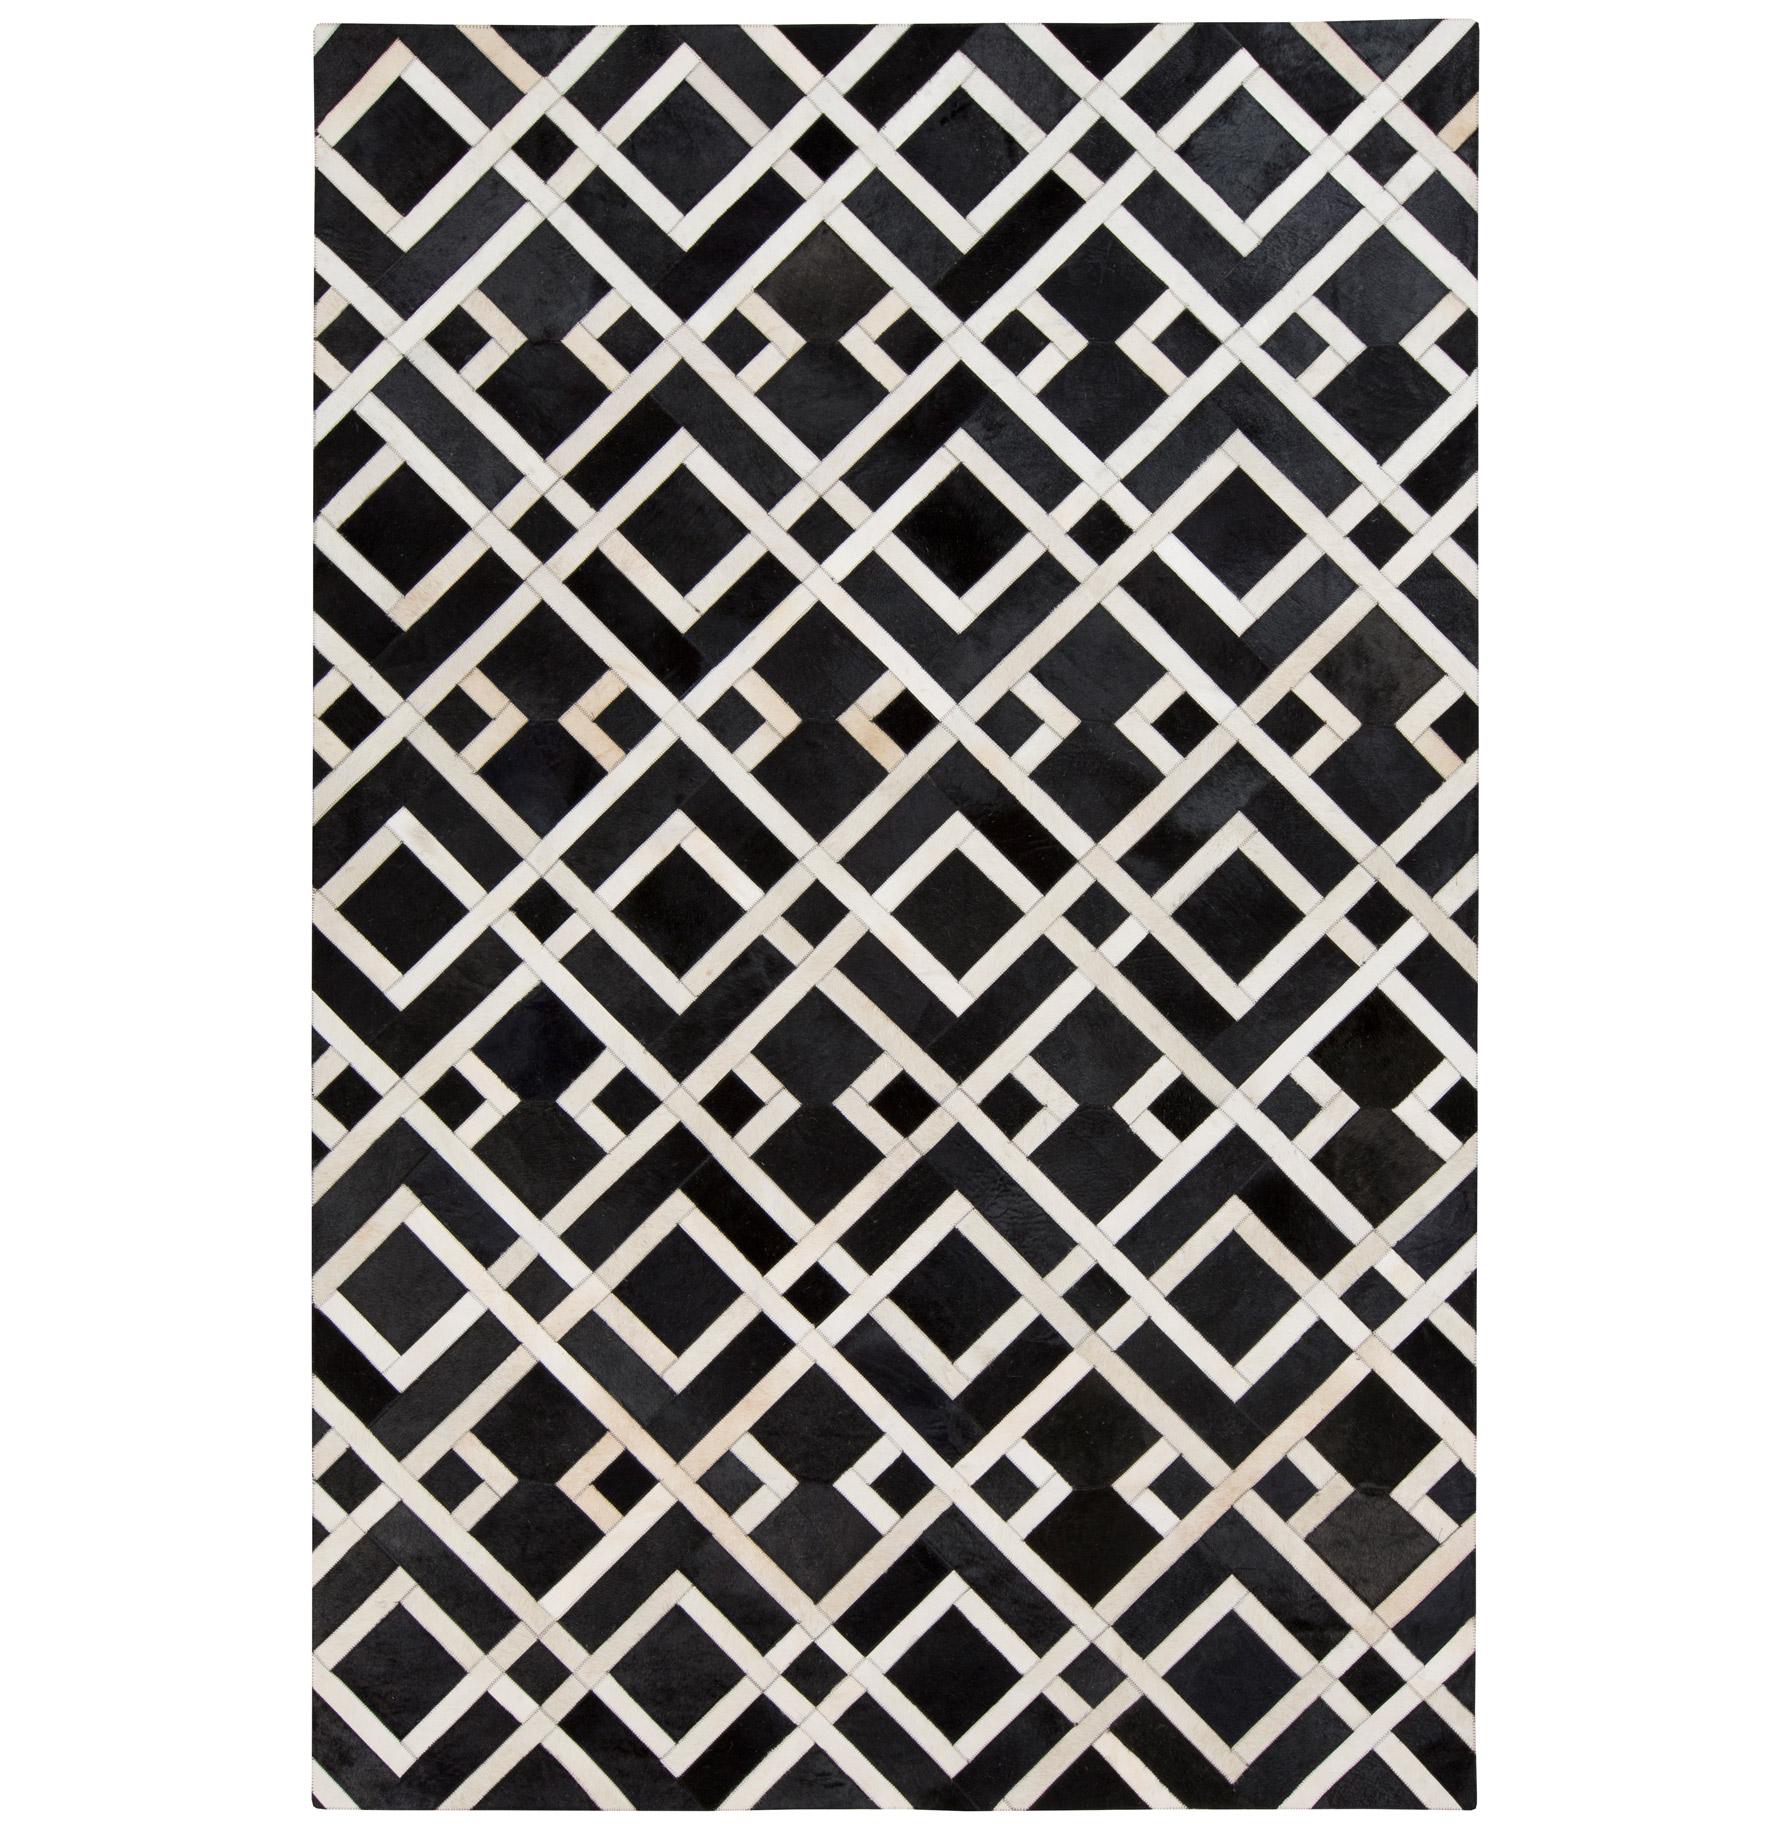 Narela Global Bazaar Diamond Black Ivory Cowhide Rug - 2x3